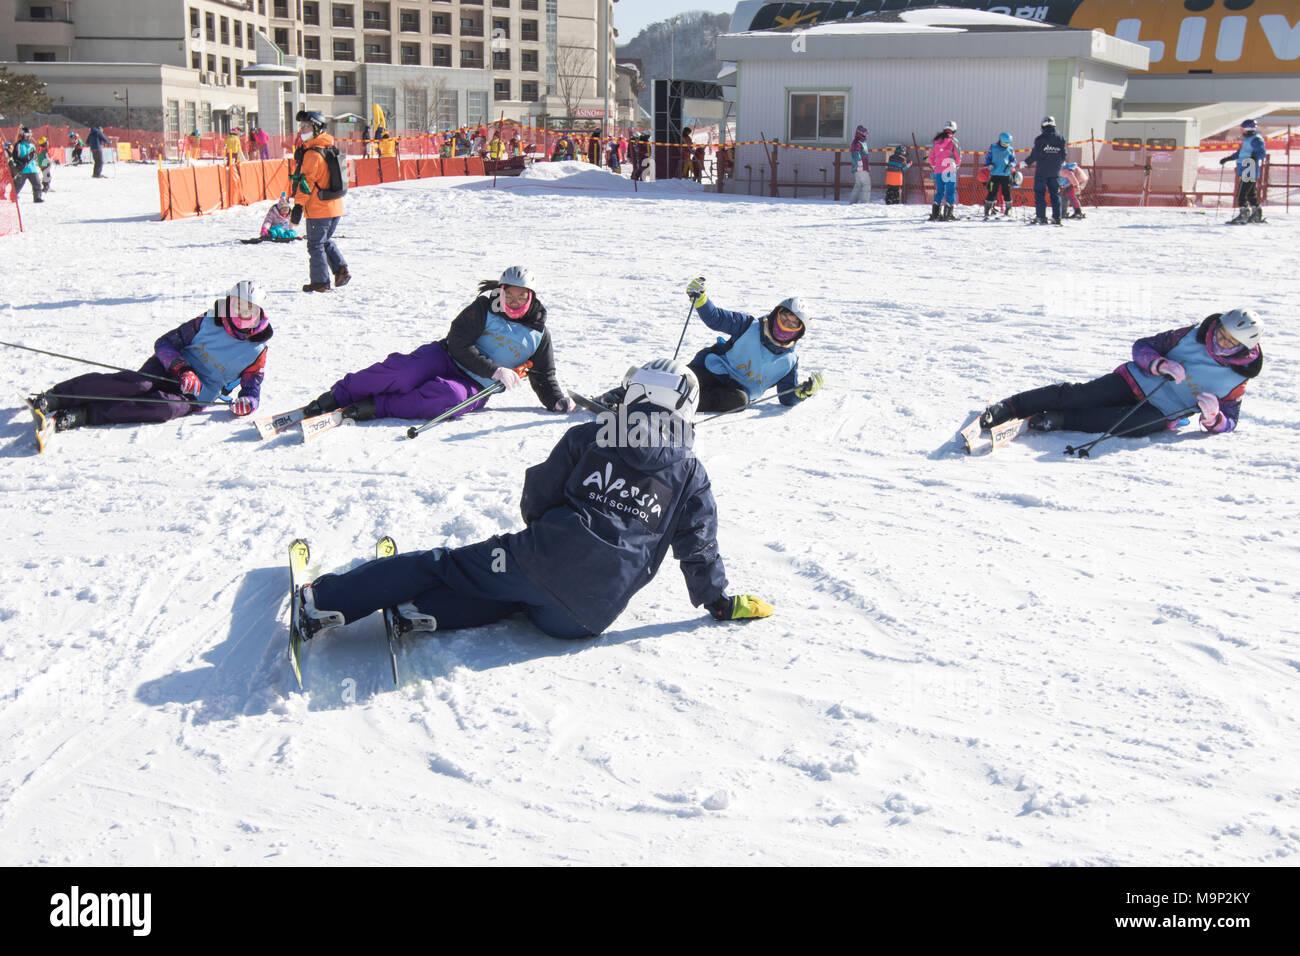 Vier Frauen werden, wie man sich nach einem Sturz beim Skifahren, im alpensia Resort in der Gangwon-do-Region South Korea unterrichtet. Die alpensia Resort ist ein Skigebiet und eine touristische Attraktion. Es ist auf dem Gebiet der Gemeinde von daegwallyeong-myeon befindet sich in der Grafschaft von Pyeongchang, die Olympischen Winterspiele hosting im Februar 2018. Das Skigebiet ist ca. 2,5 Stunden von Seoul oder Incheon Airport mit dem Auto, überwiegend alle Autobahn. Alpensia hat sechs Pisten für Ski und Snowboard, mit bis zu 1,4 km (0.87 mi) lang, für Anfänger und Fortgeschrittene, und einen Bereich Stockfoto